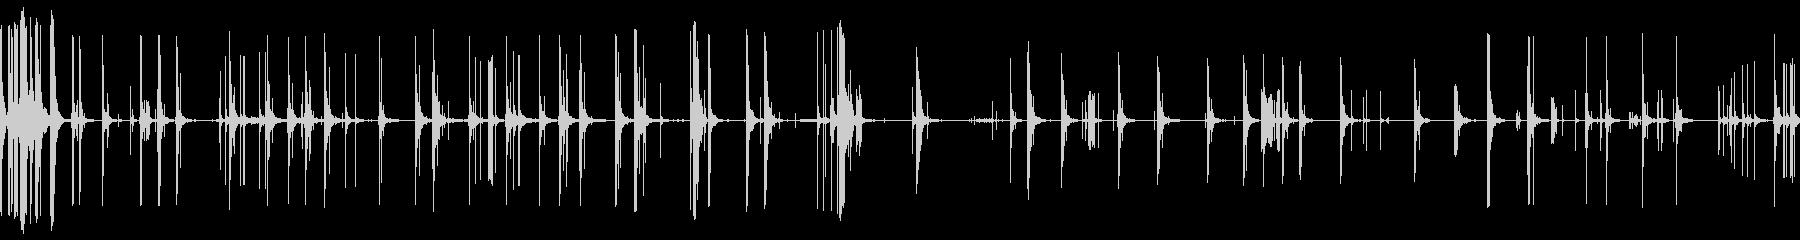 爆発花火ディスプレイラウの未再生の波形